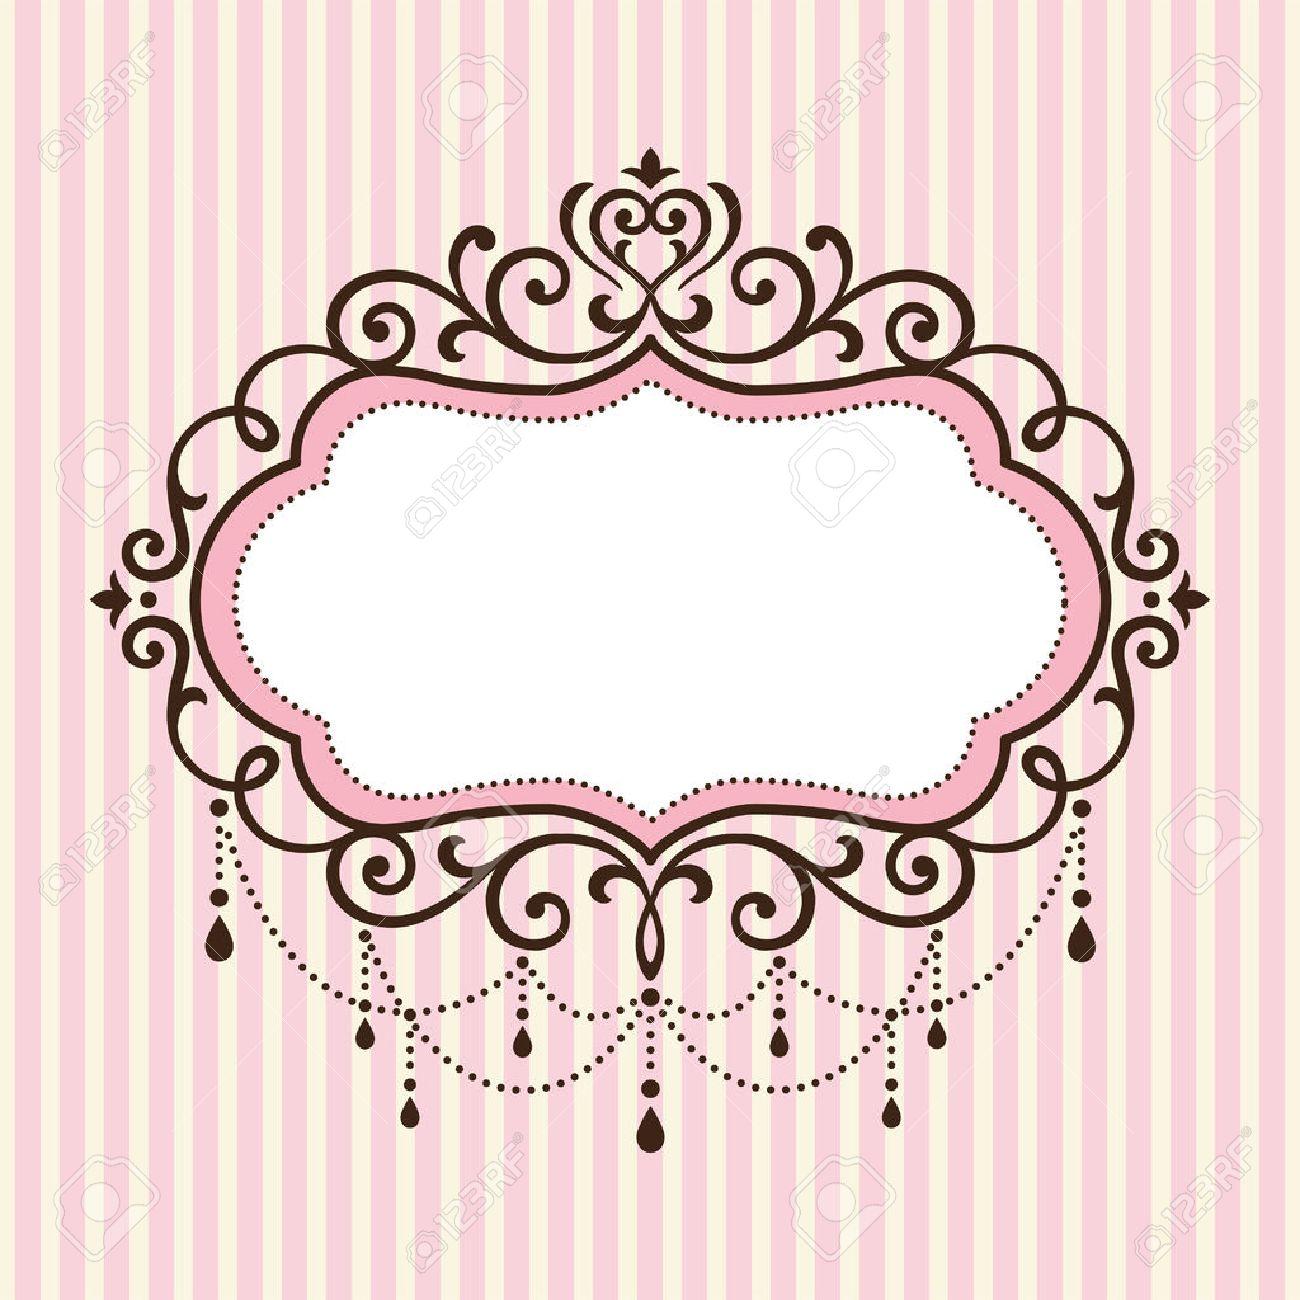 eedf654f4d24 Chandelier vintage border frame on pink stripe background Stock Vector -  66368704